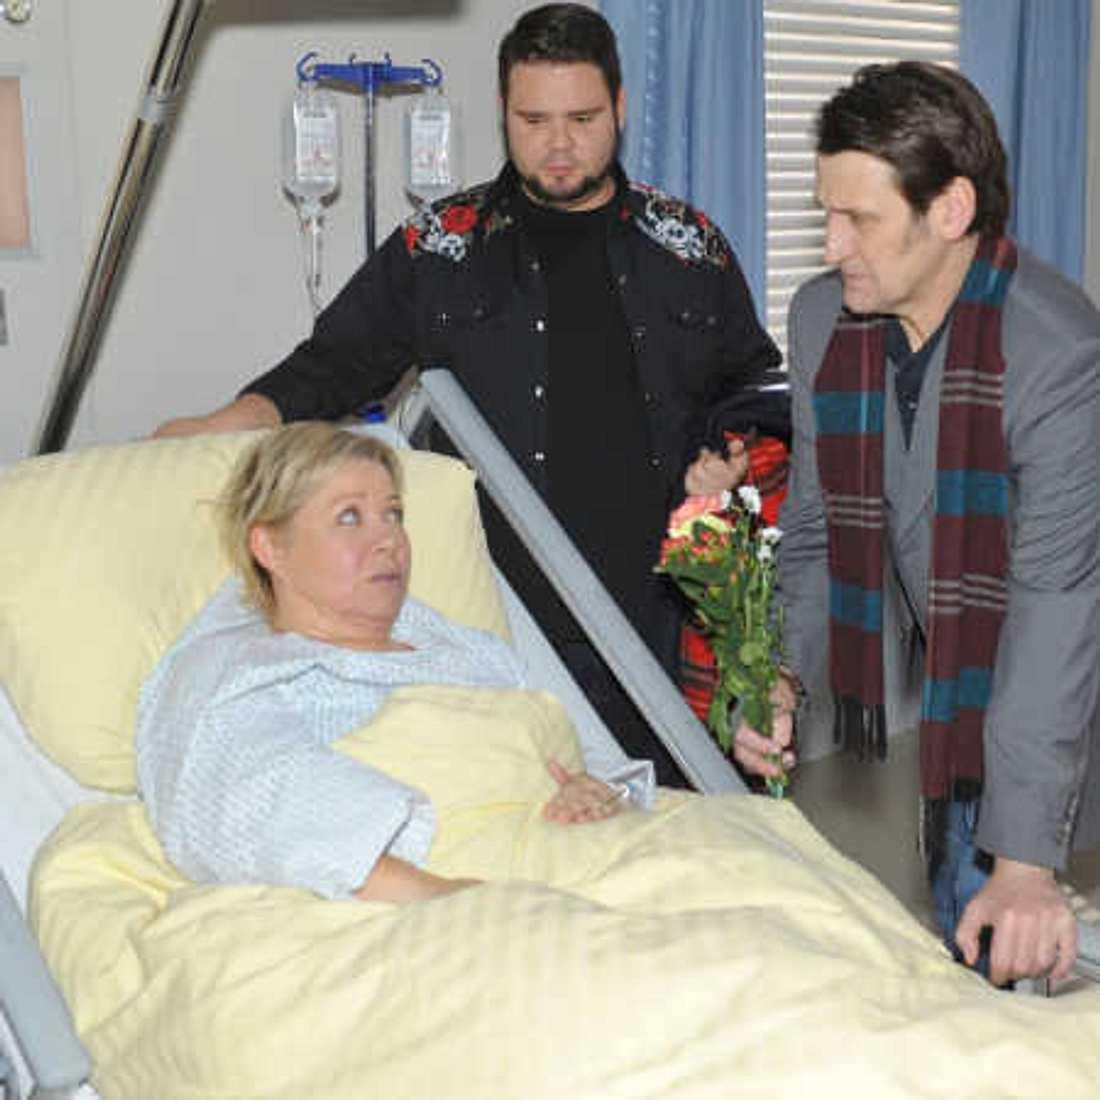 Tuners Mutter (Daniela Hoffmann) liegt im Krankenhaus